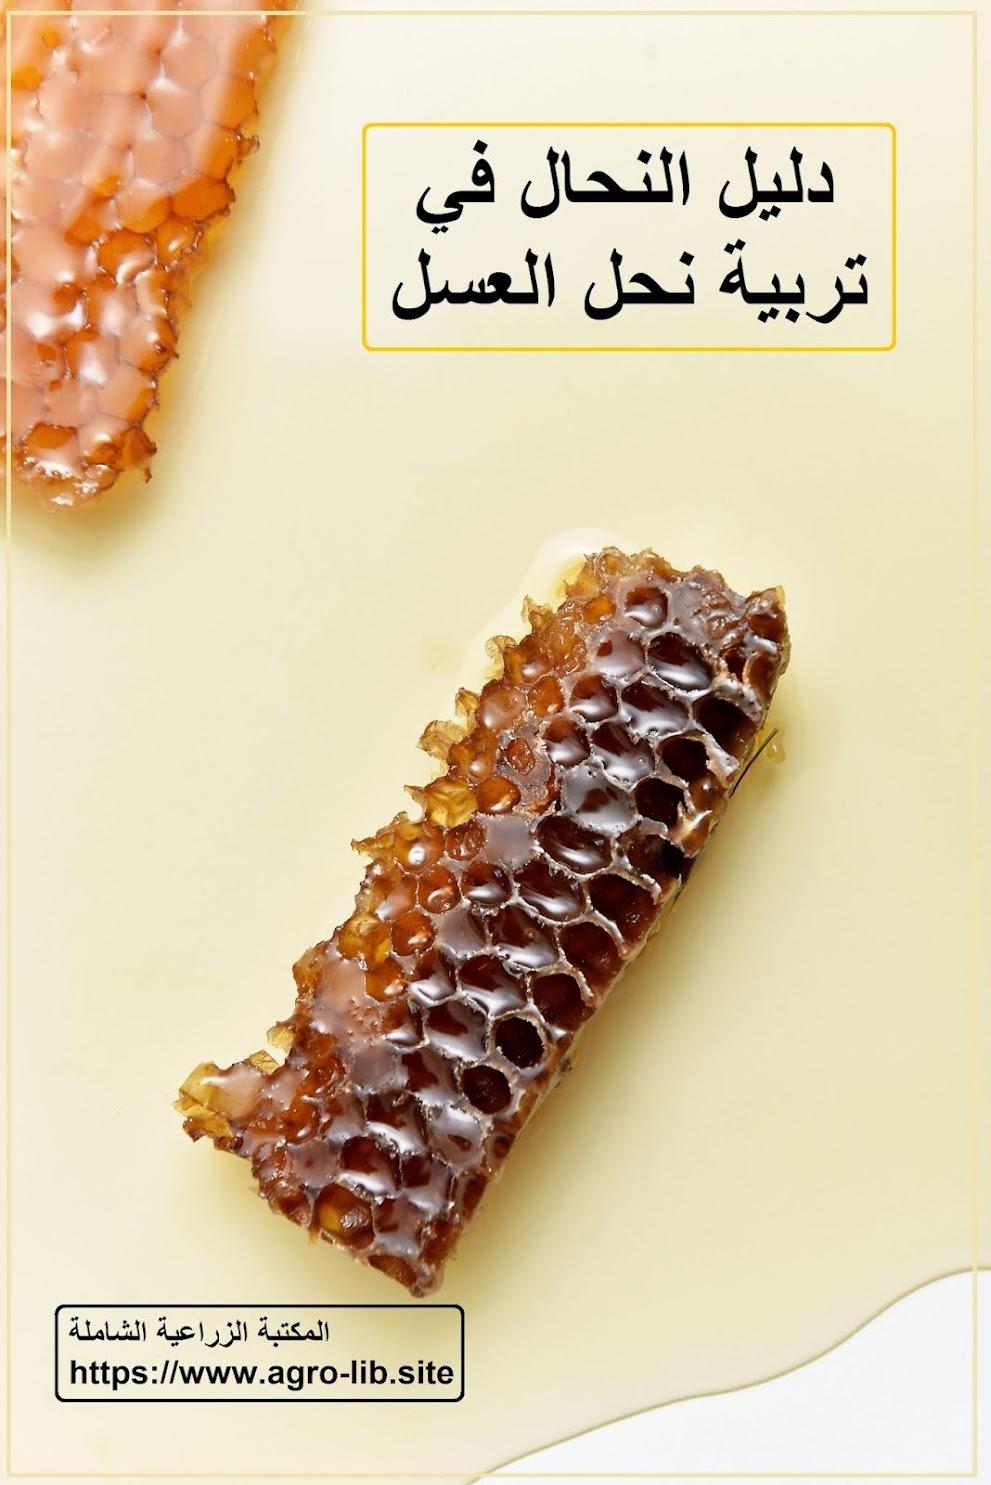 كتاب : دليل النحال في تربية نحل العسل